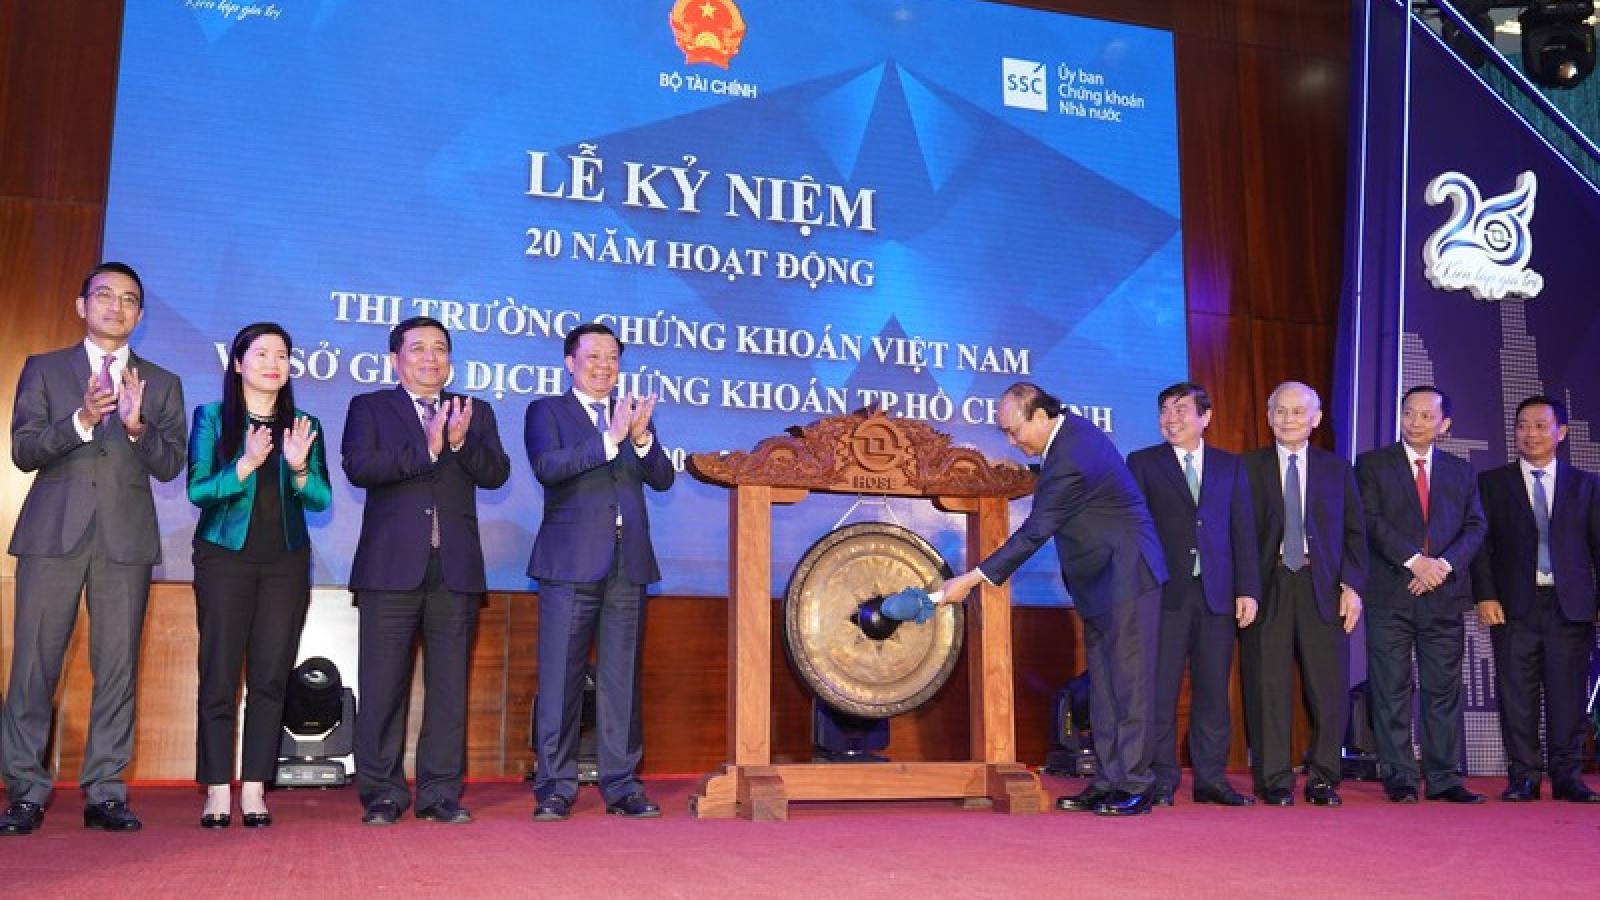 Thủ tướng: Đưa thị trường chứng khoán Việt Nam thành điểm đến toàn cầu